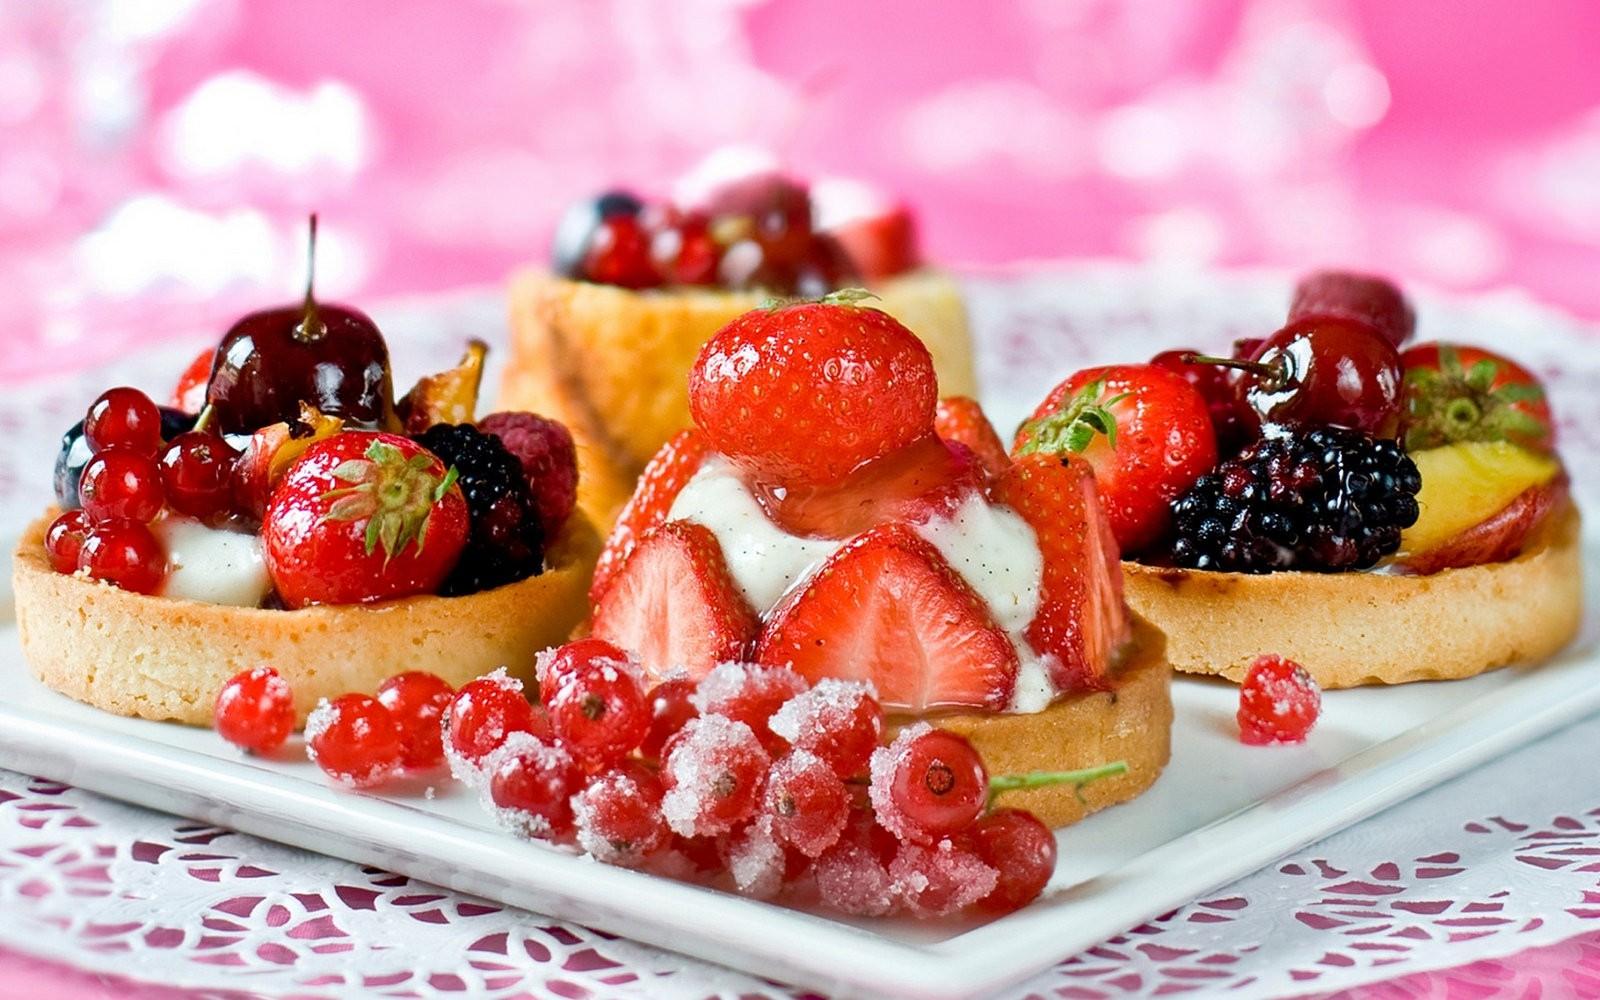 Comer em um período pré-determinado pode ser benéfico para a saúde, diz estudo (Foto: Flickr/Michael Stern)